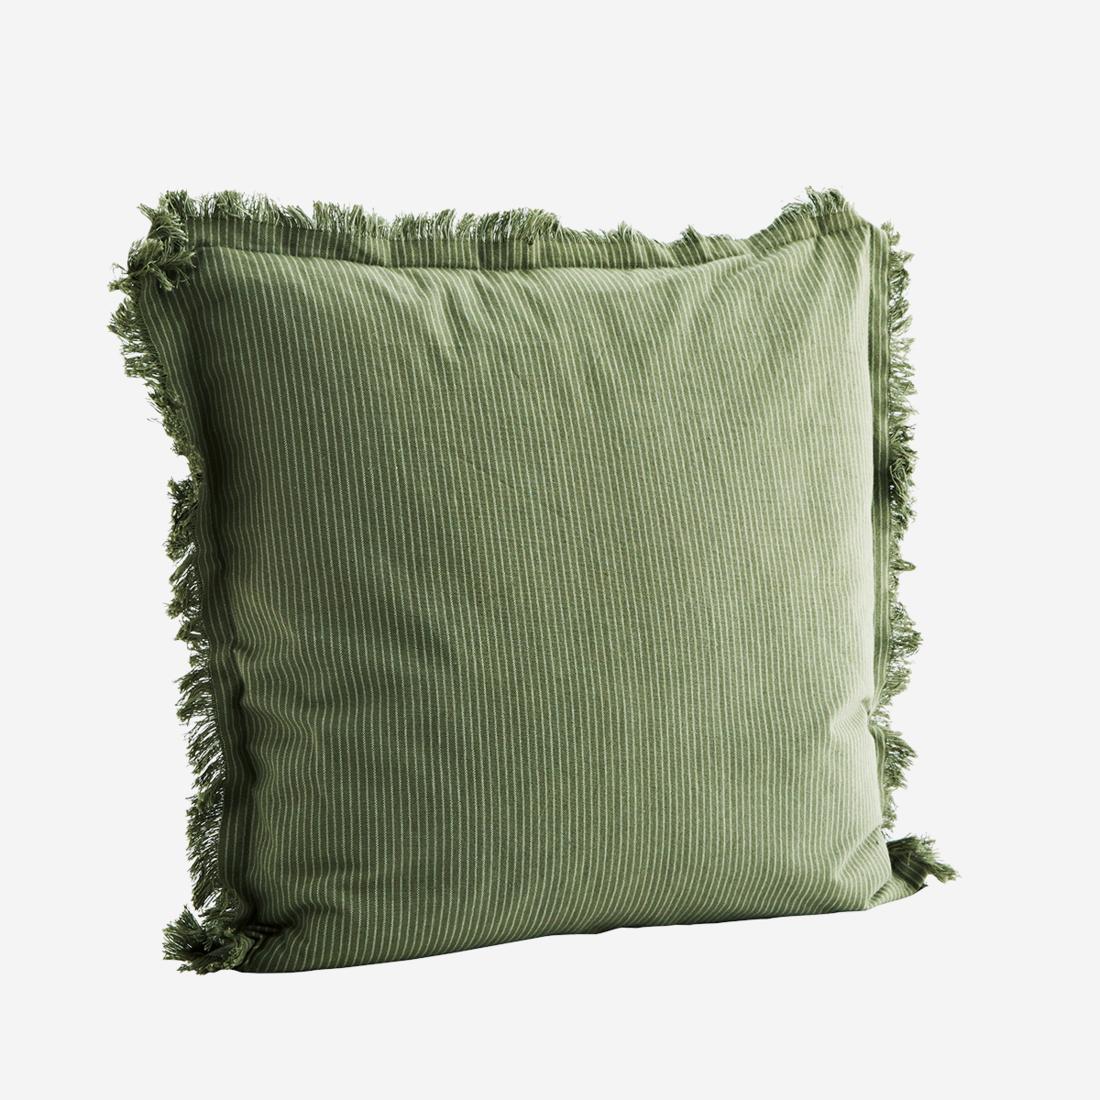 Kissen mit Fransen grün mit weissen Streifen